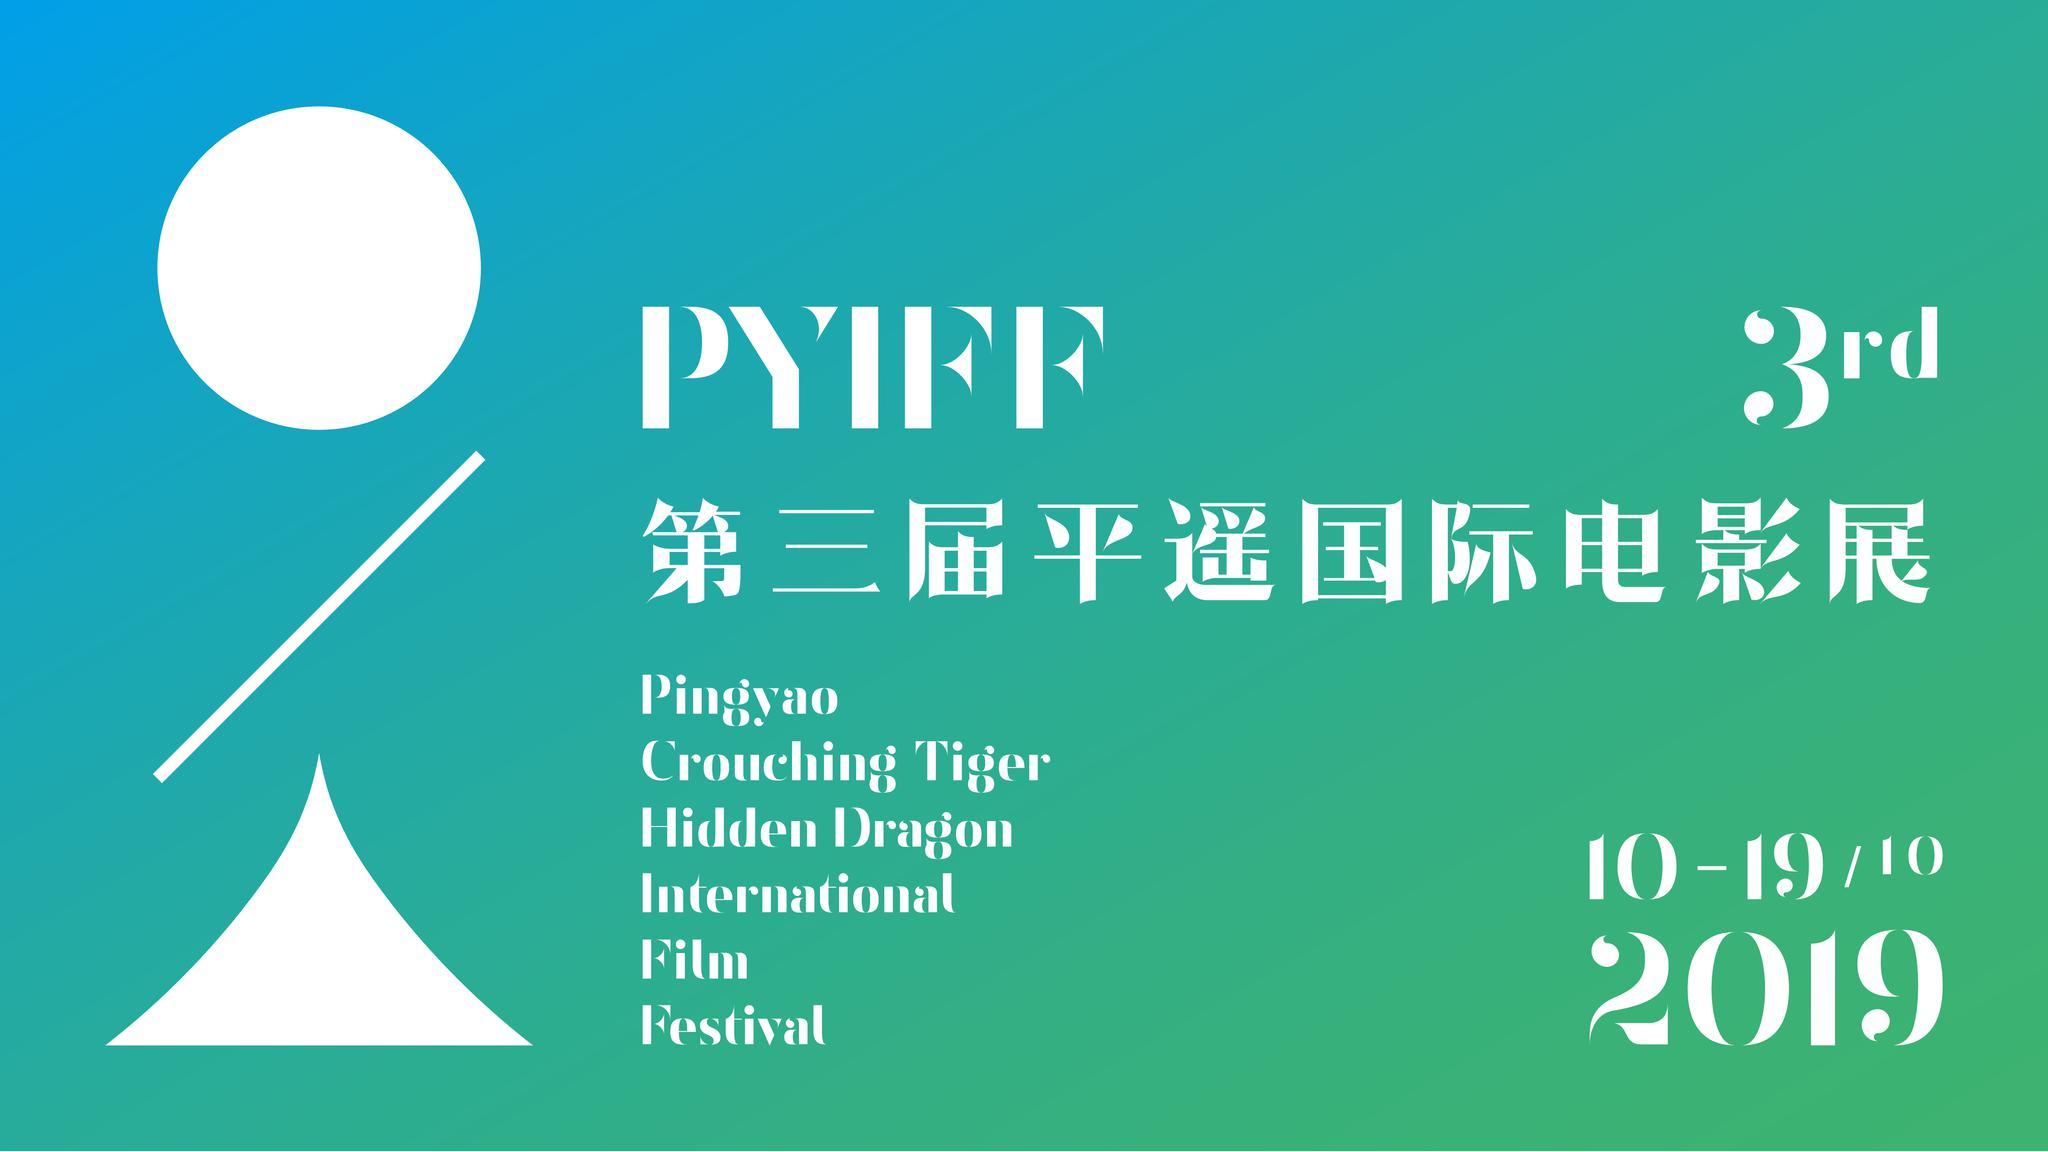 平遥国际电影展戛纳发布2019年回顾展片单